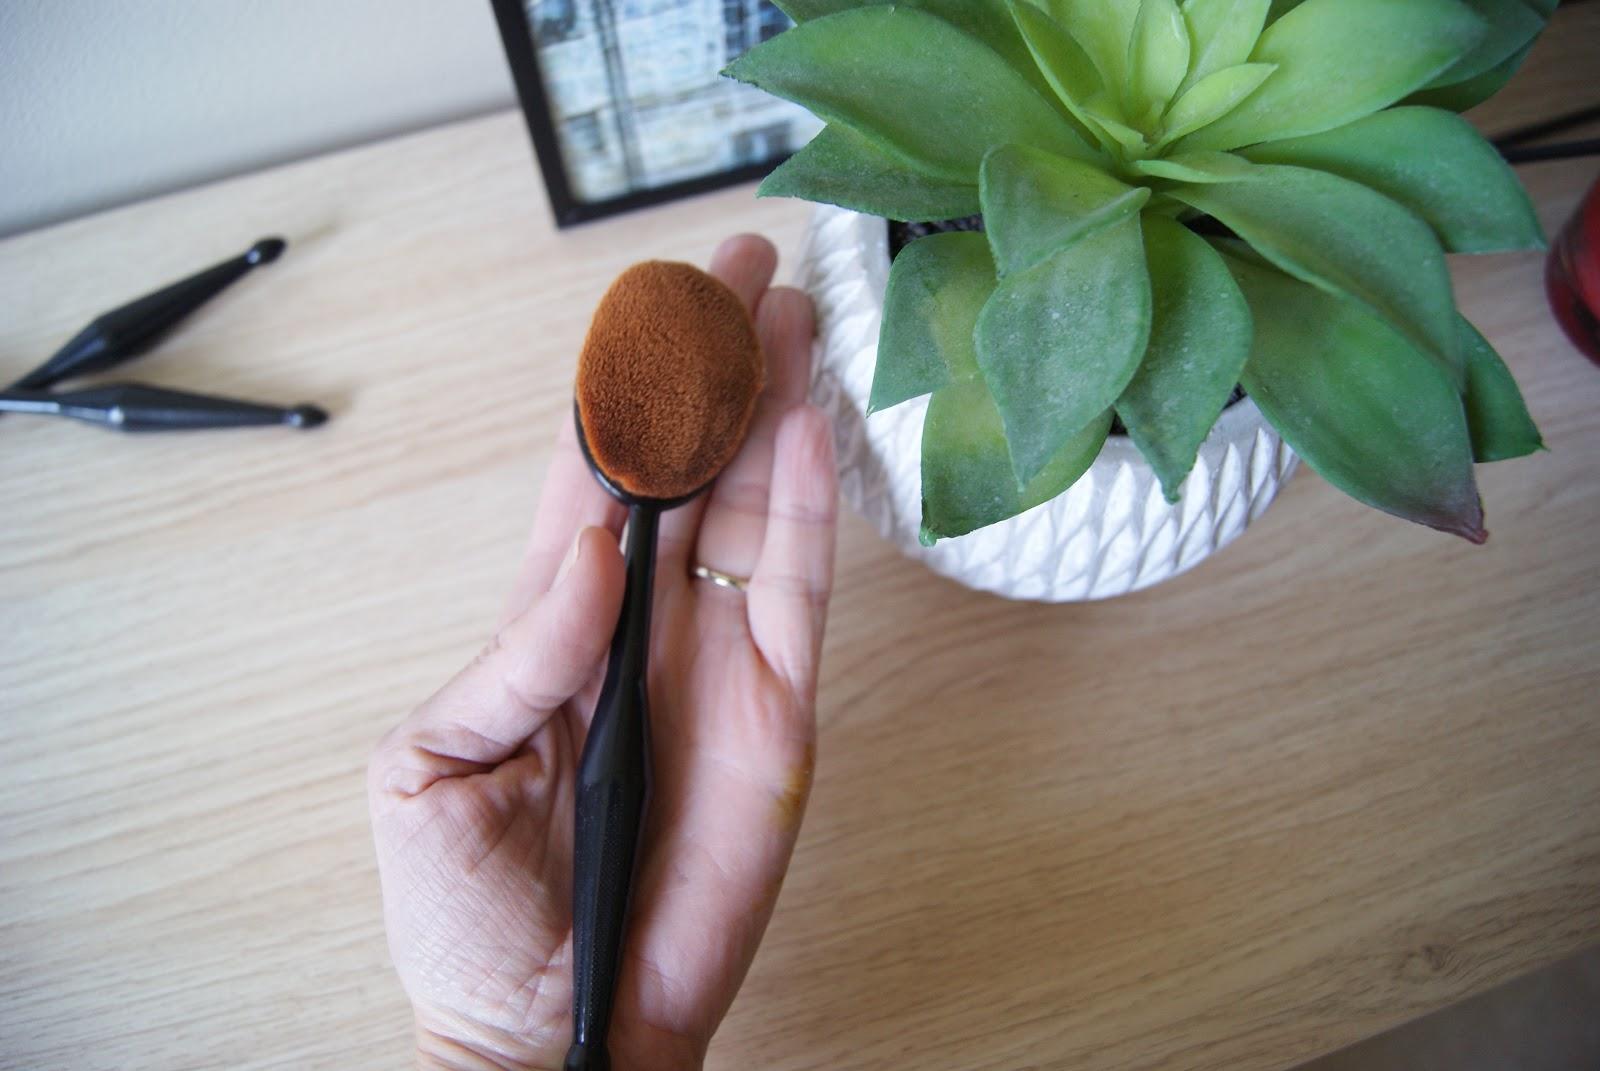 Appliquer la base, le fond de teint, le blush ; faire le contouring et le strobbing